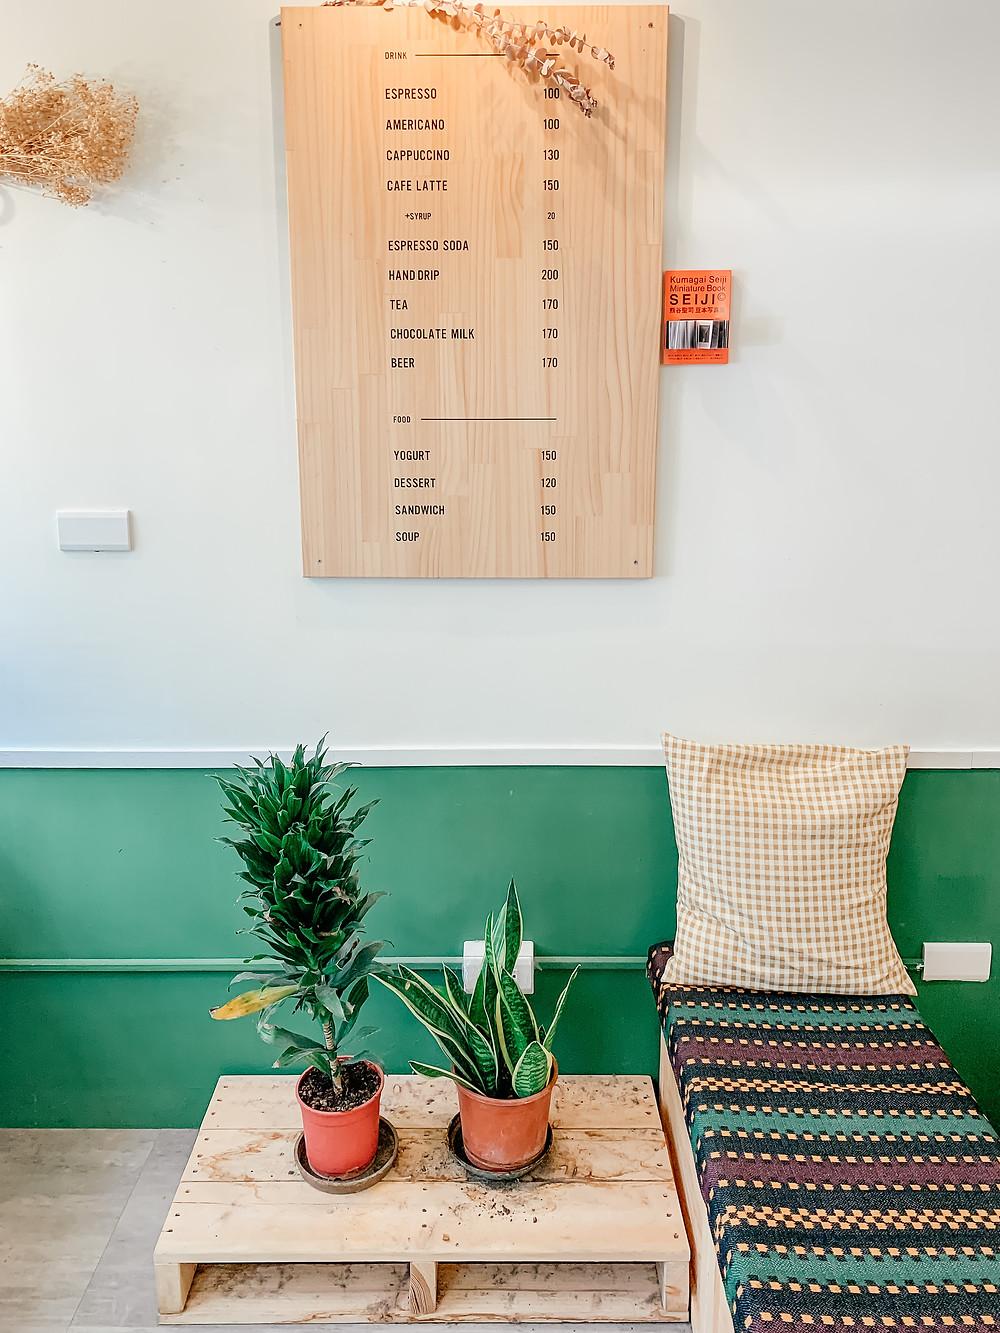 月半 Dwaco 咖啡 Coffee | Taipei Cafe | Menu | A Style Alike